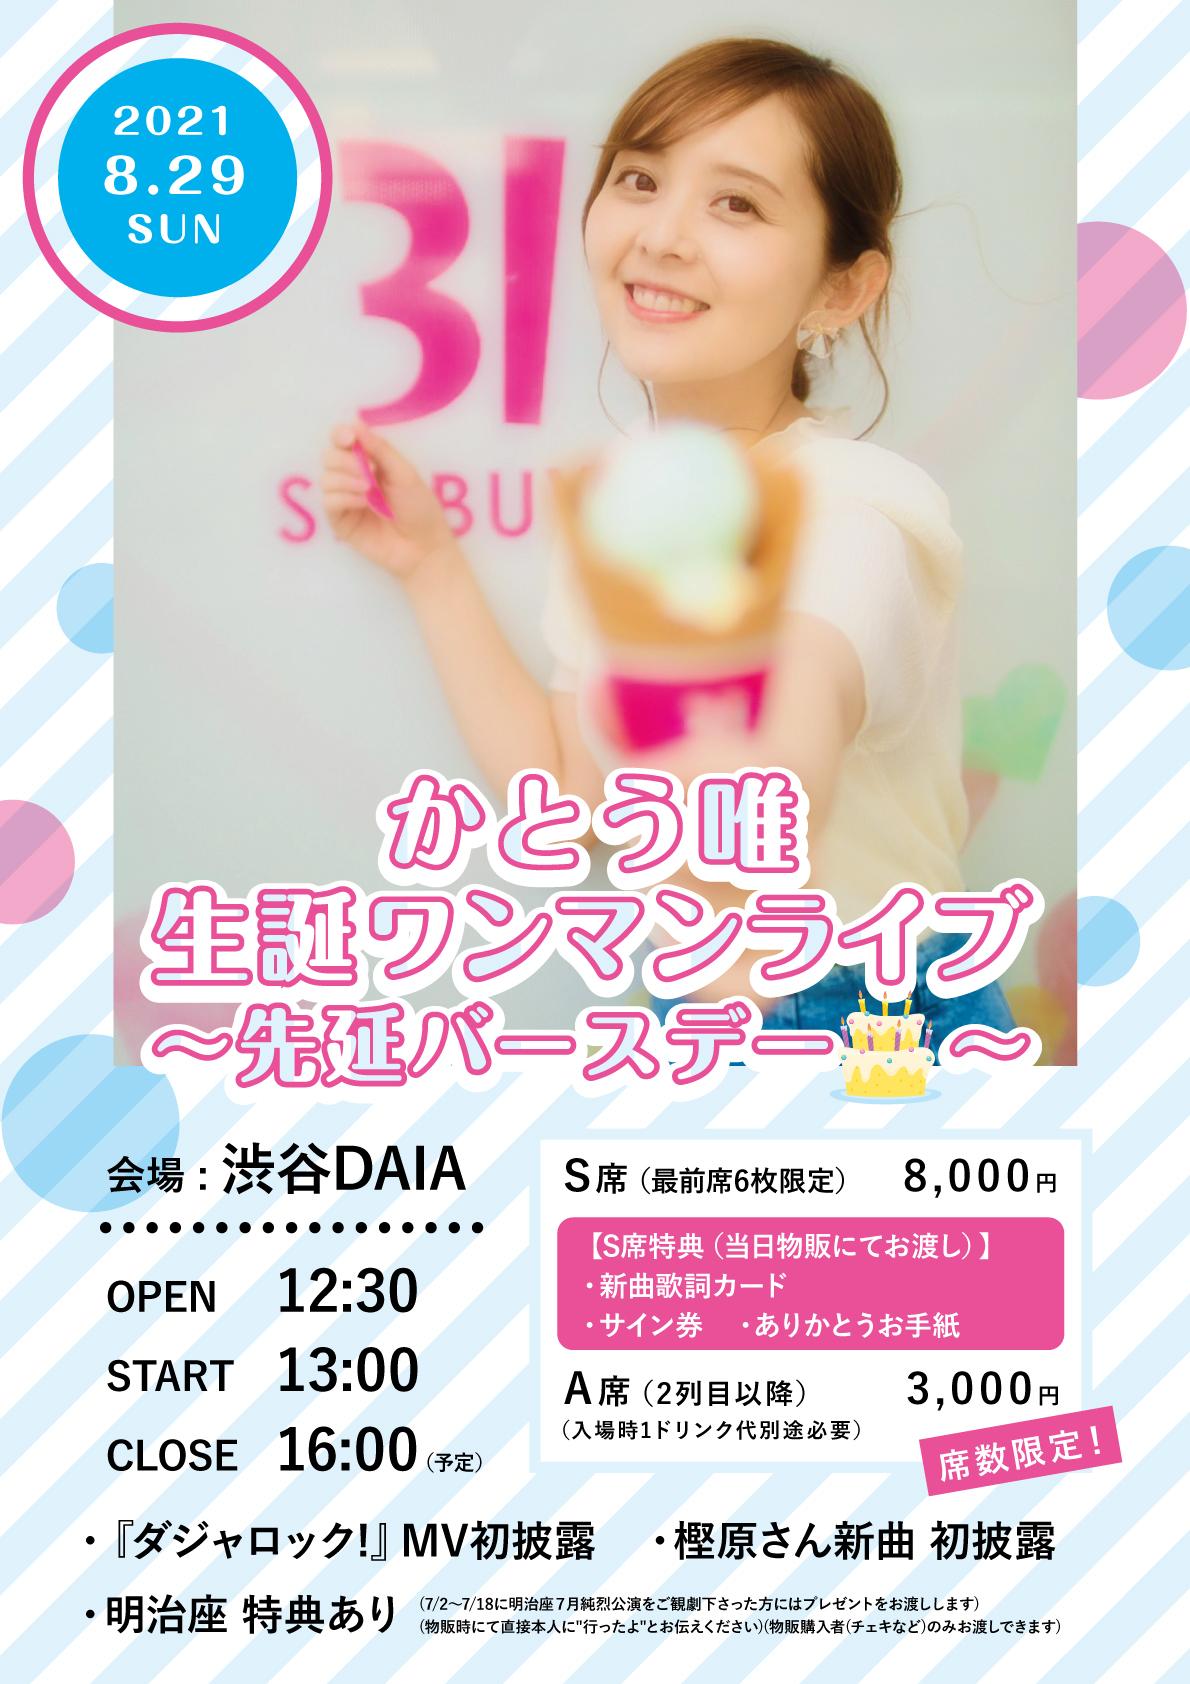 2021/8/29(日)『かとう唯 生誕ワンマンライブ 〜先延バースデー』渋谷DAIA